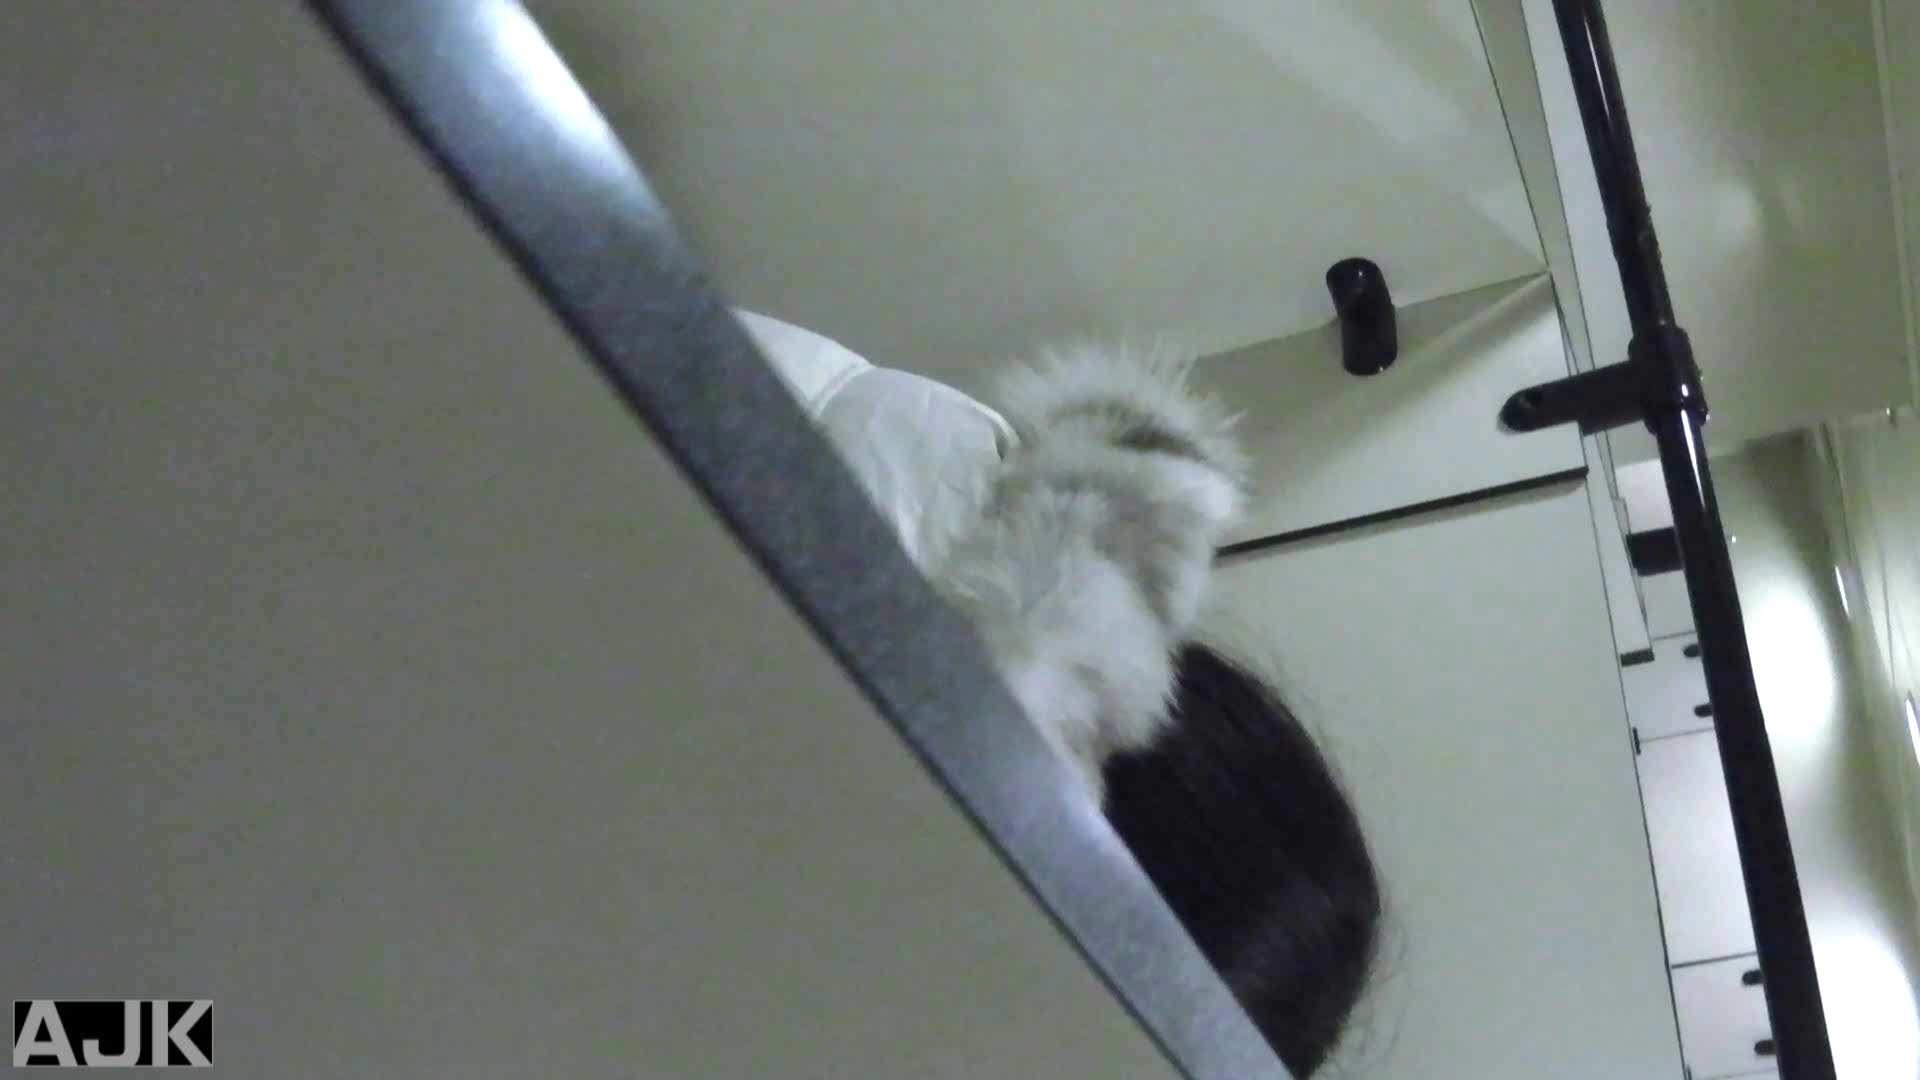 隣国上階級エリアの令嬢たちが集うデパートお手洗い Vol.29 お手洗い  110pic 13